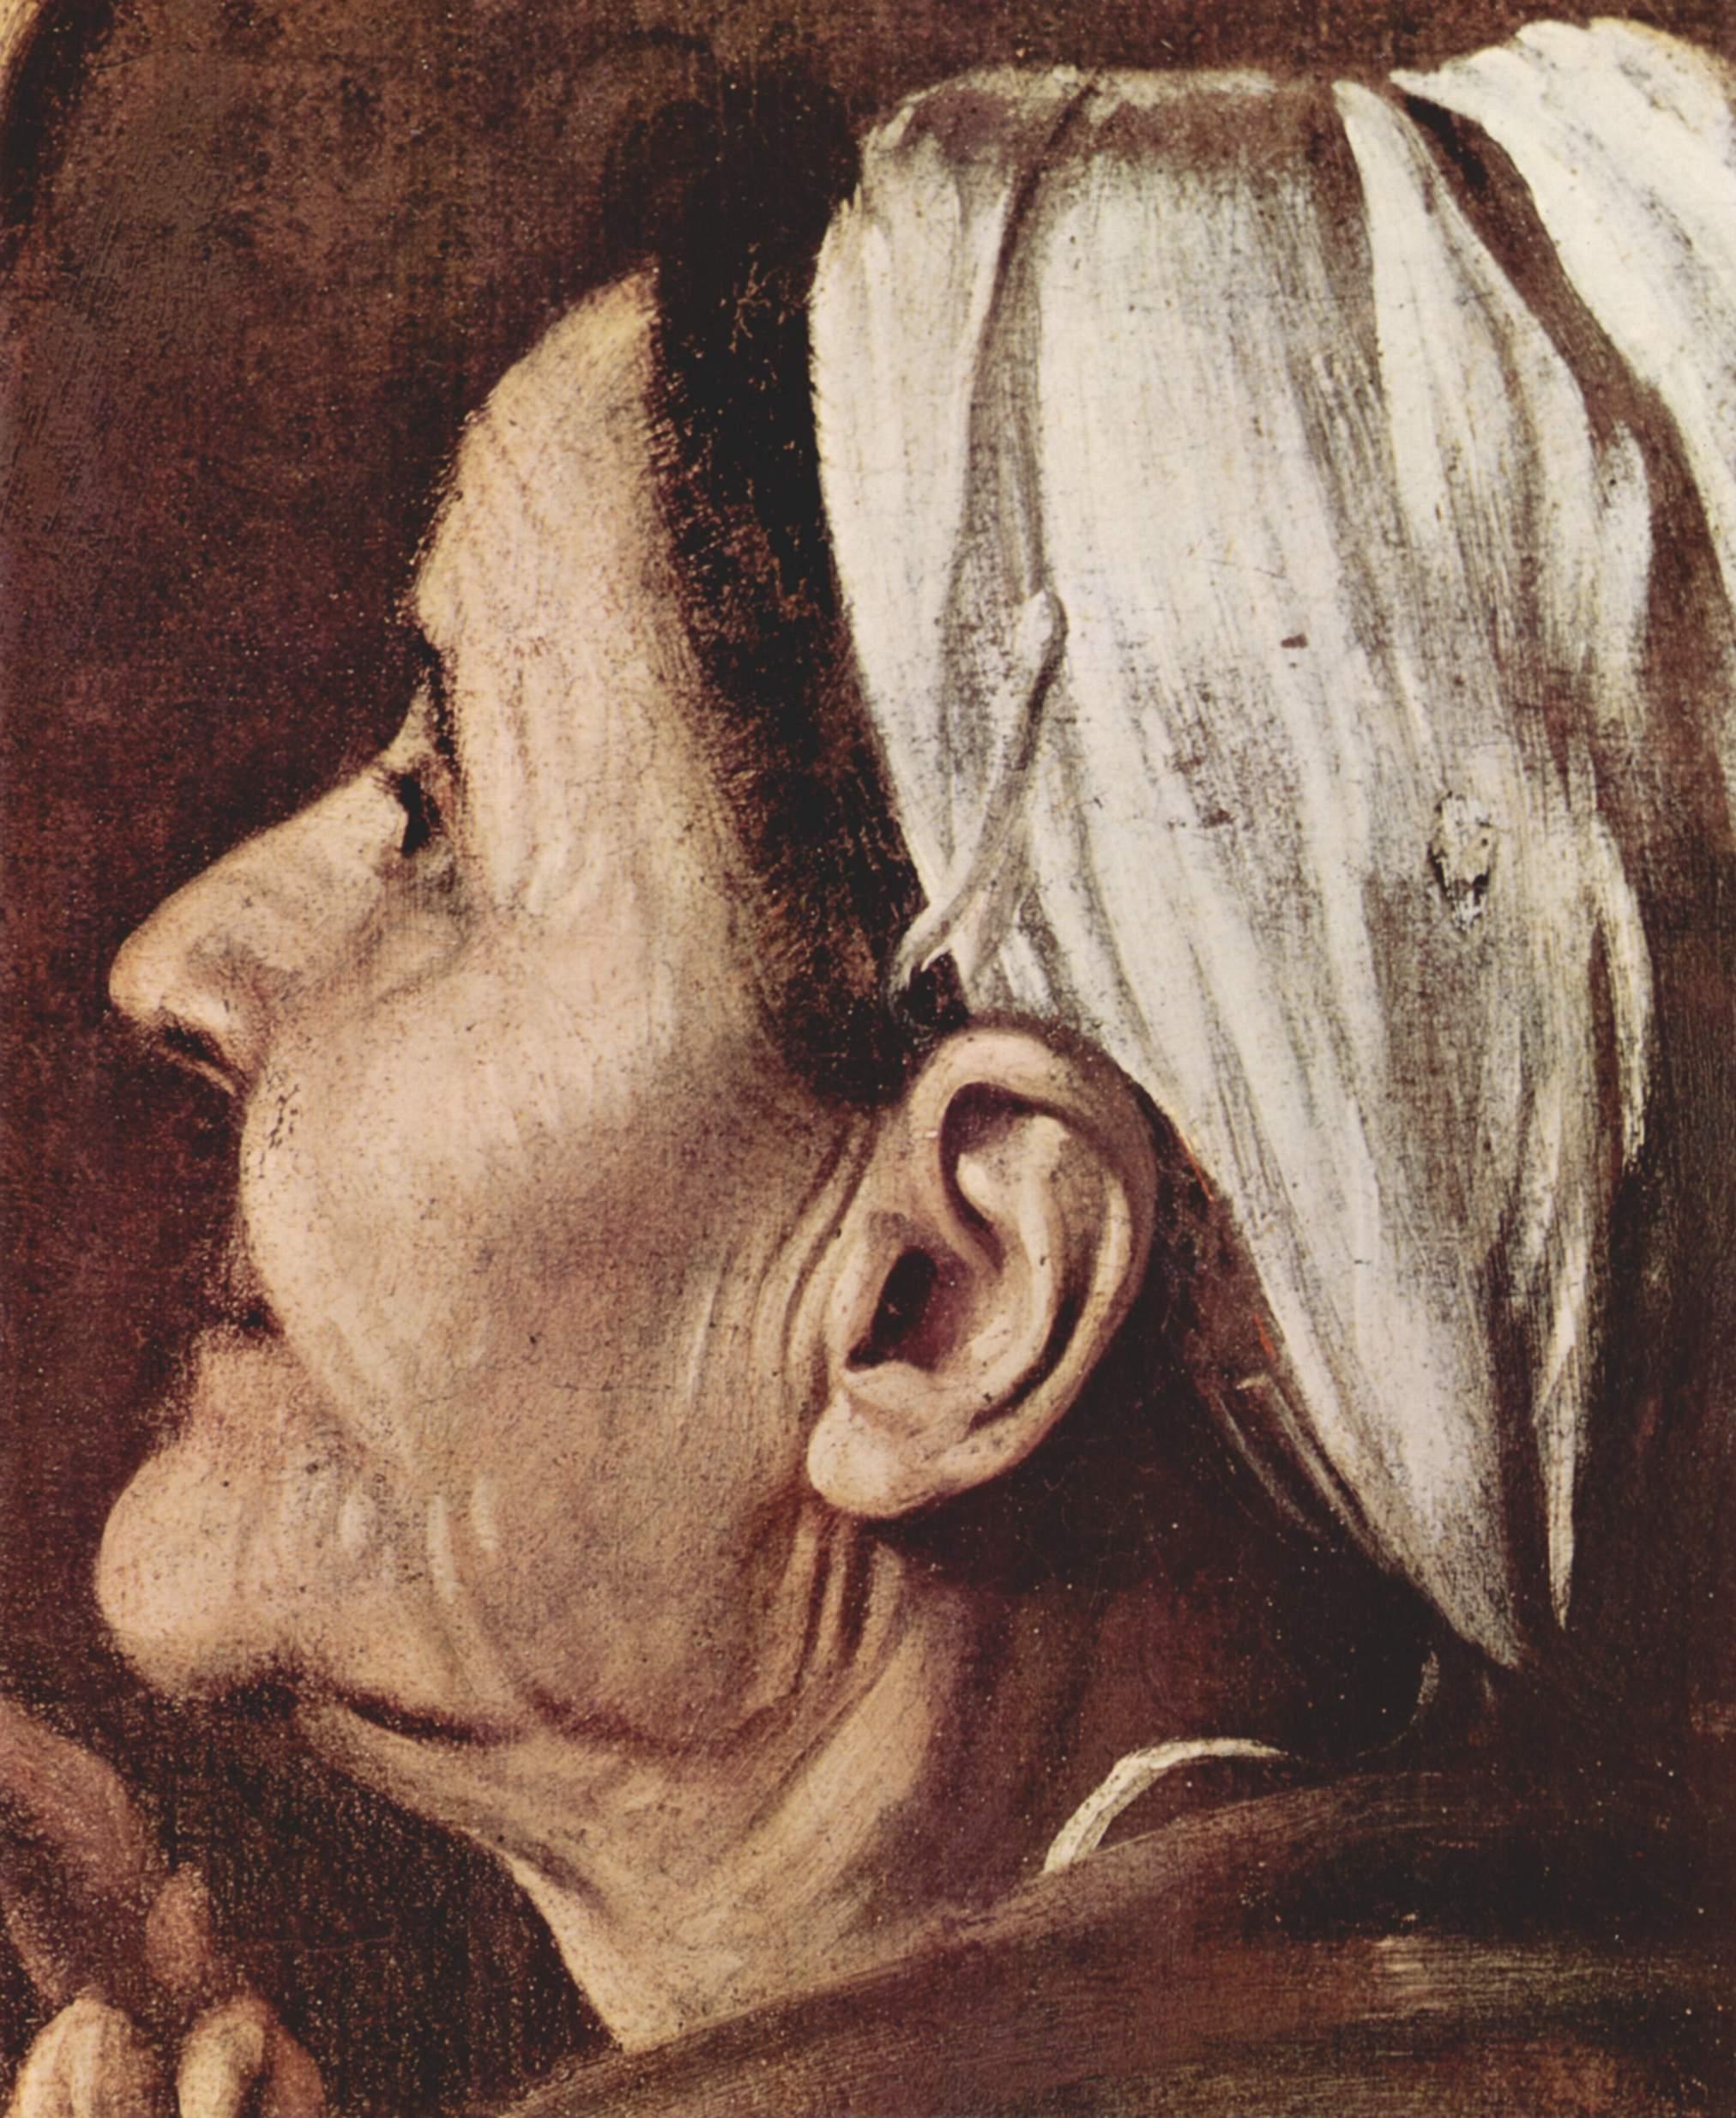 Алтарь Капеллы Кавалетти в Санта Агостино в Риме, Мадонна пилигримов. Деталь  голова паломницы, Микеланджело Меризи де Караваджо